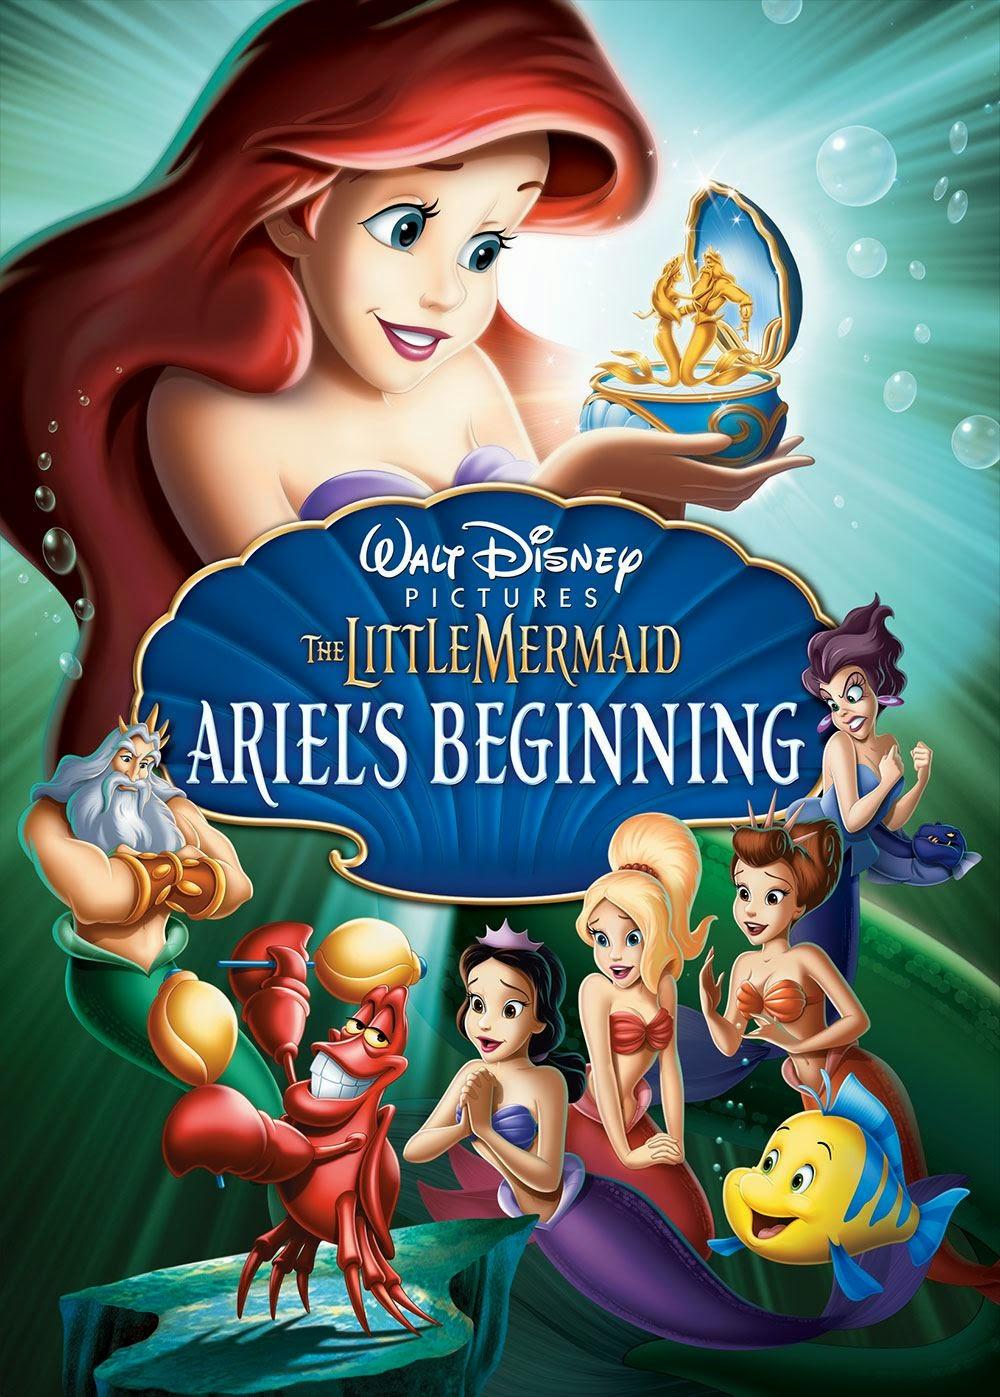 The Little Mermaid 3 เงือกน้อยผจญภัย 3 [HD][พากย์ไทย]